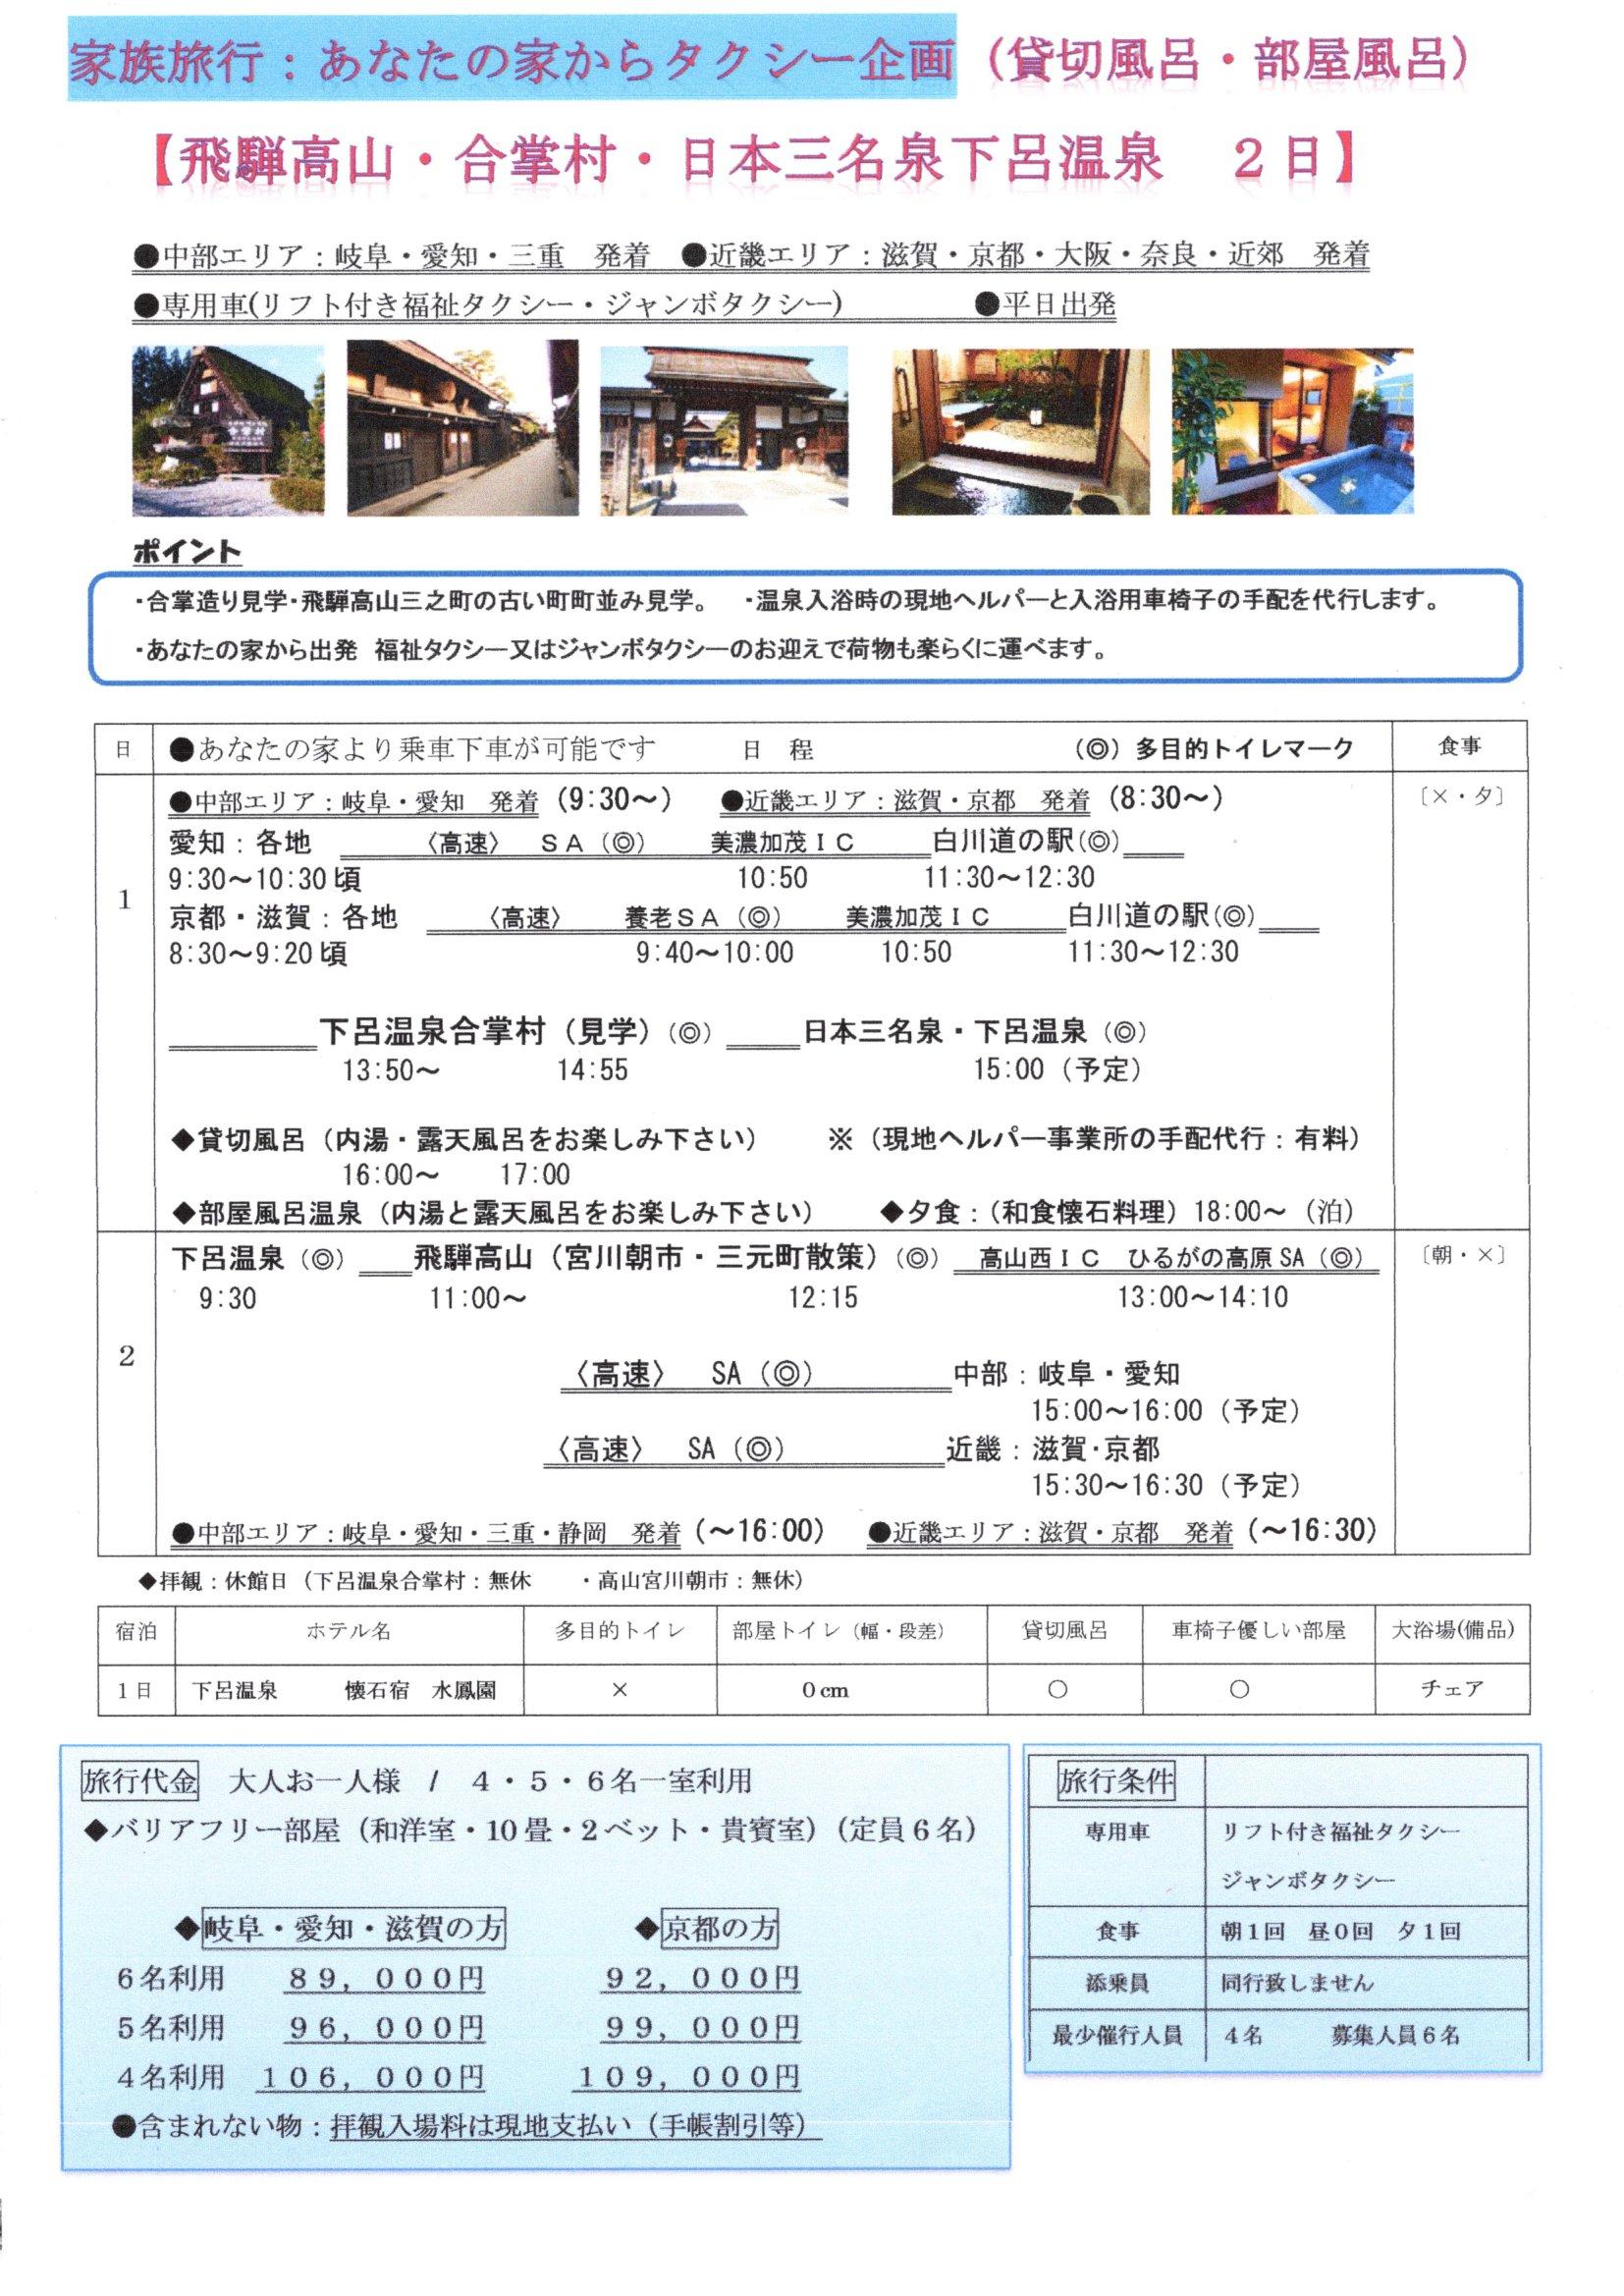 飛騨高山・合掌村・のんびり日本三名泉下呂温泉 2日